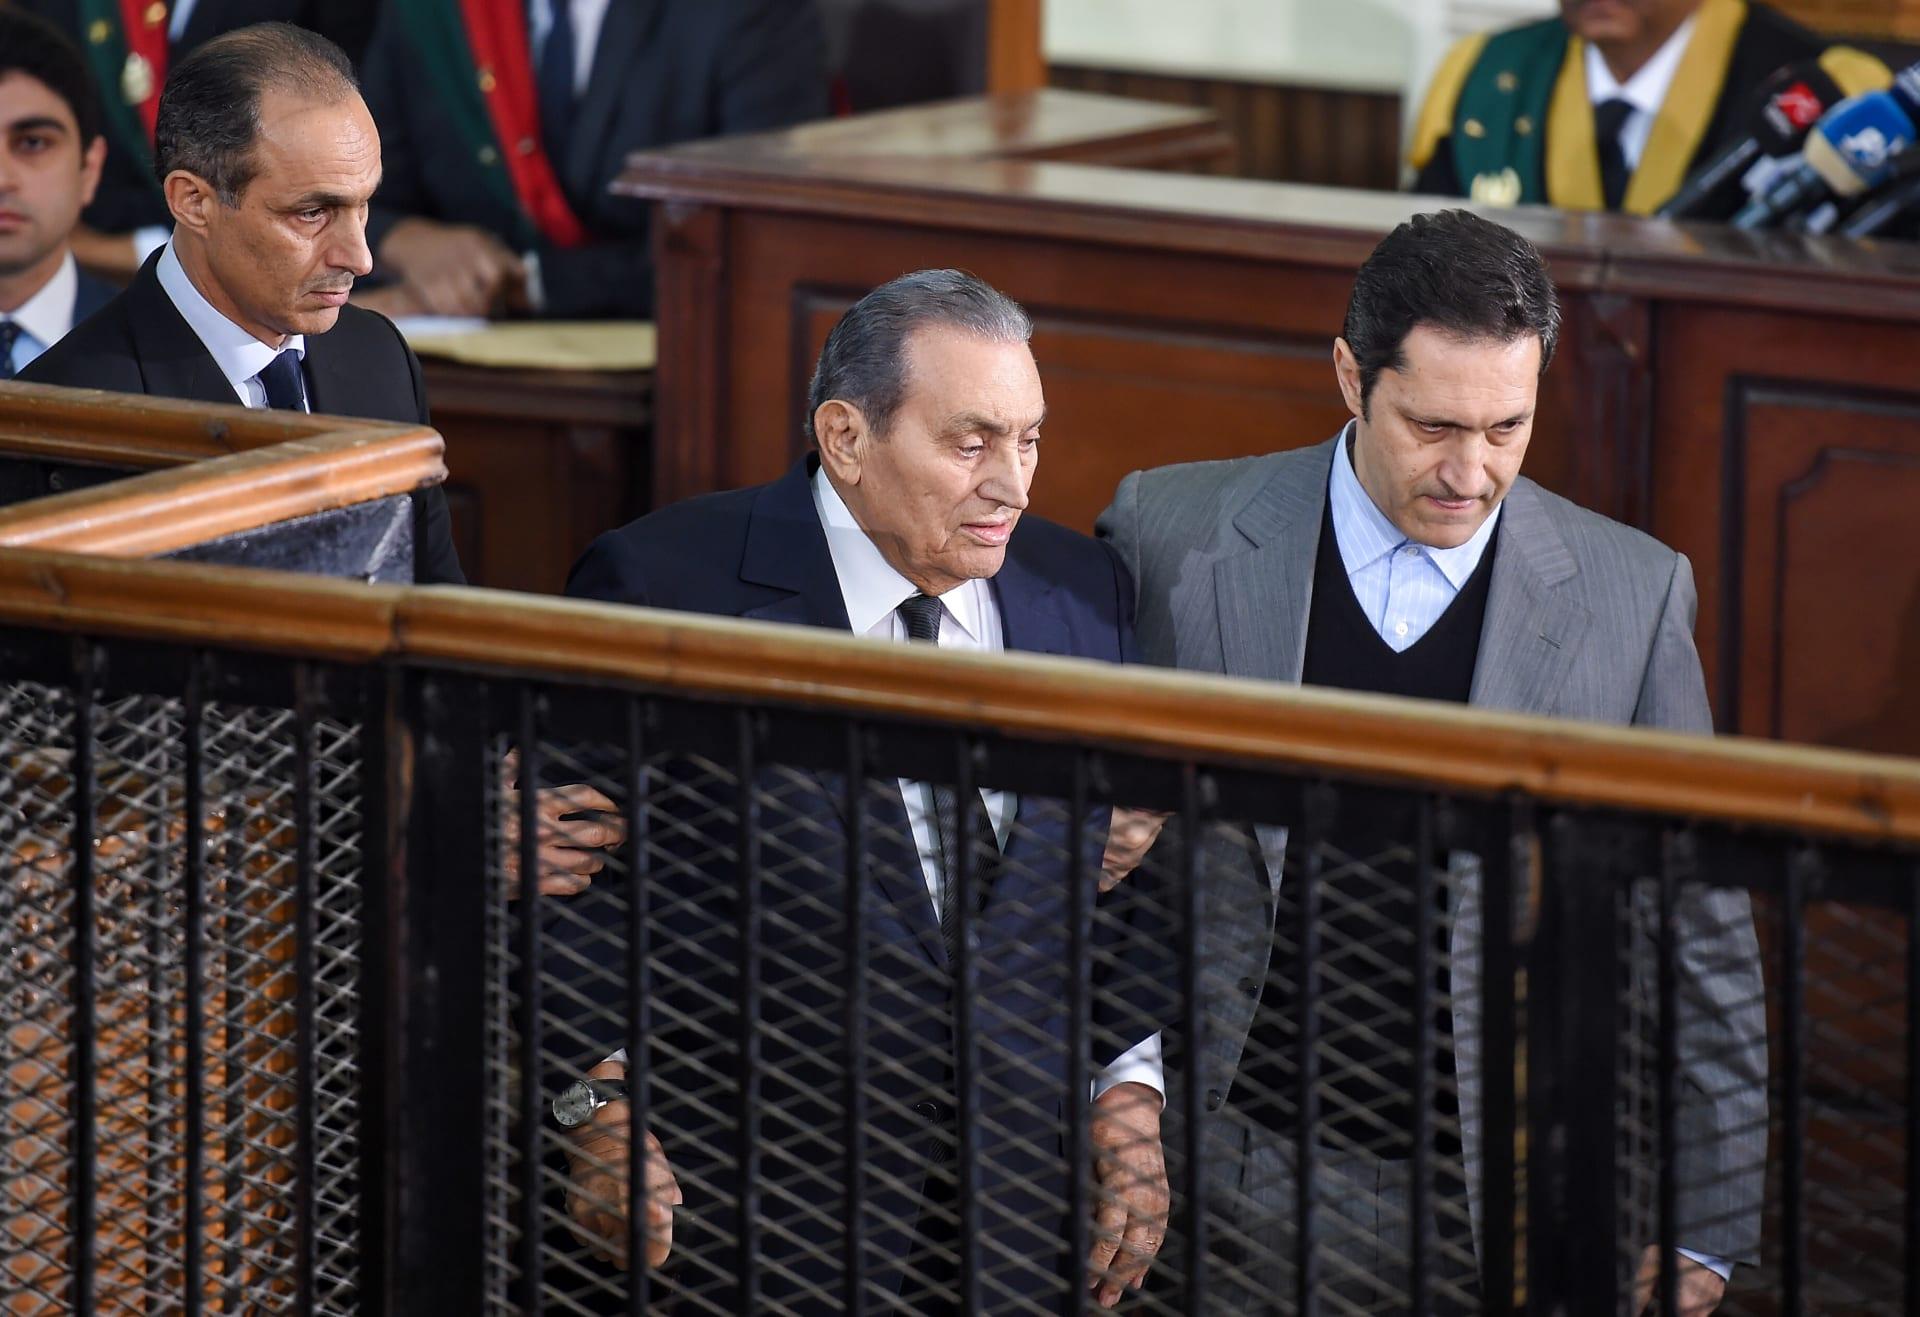 مبارك يطلب الإذن لكشف معلومات.. وبكري لـCNN: ستوضح أمورا كثيرة